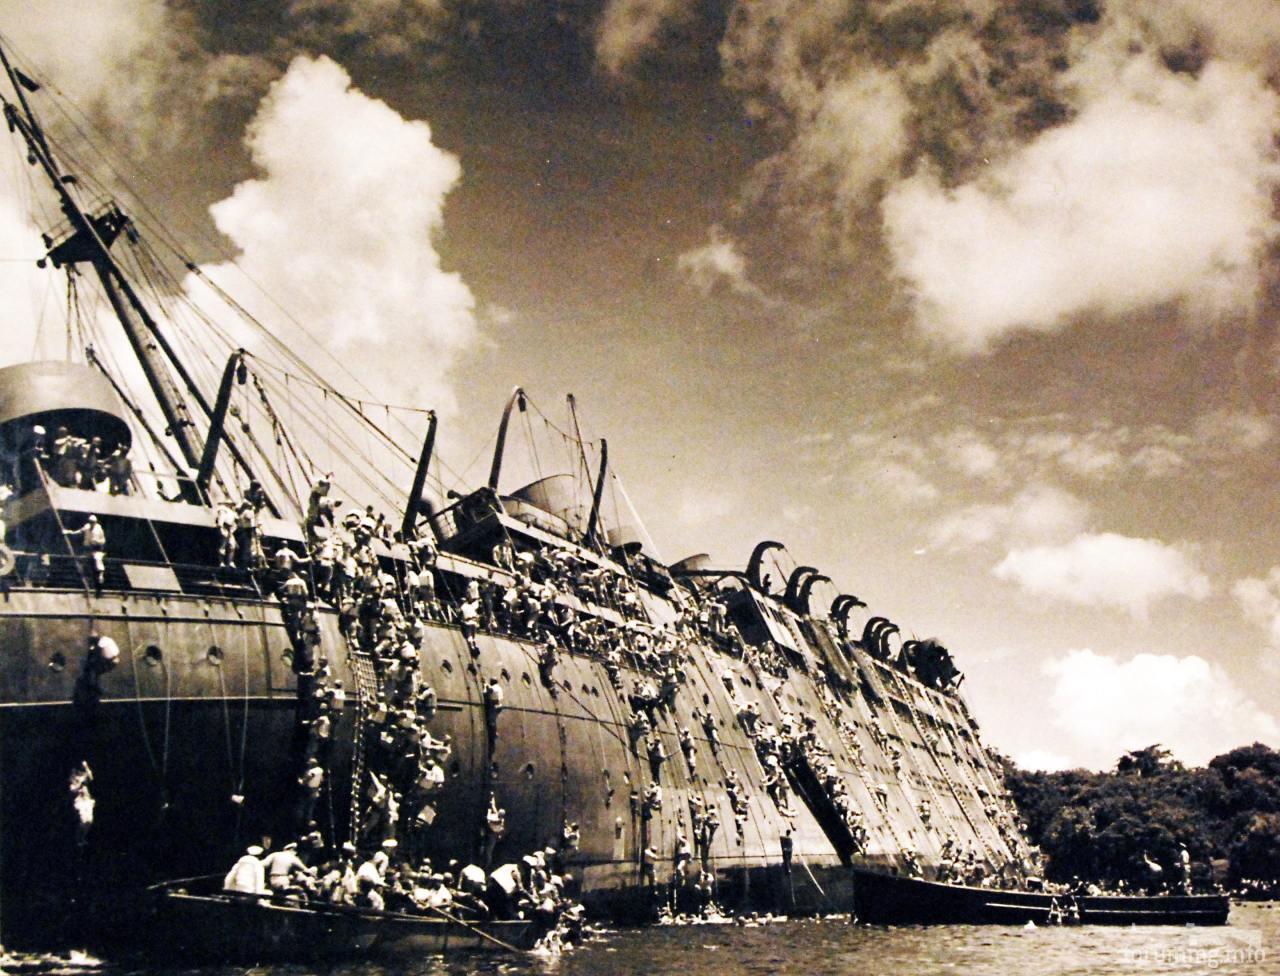 125853 - Военное фото 1941-1945 г.г. Тихий океан.